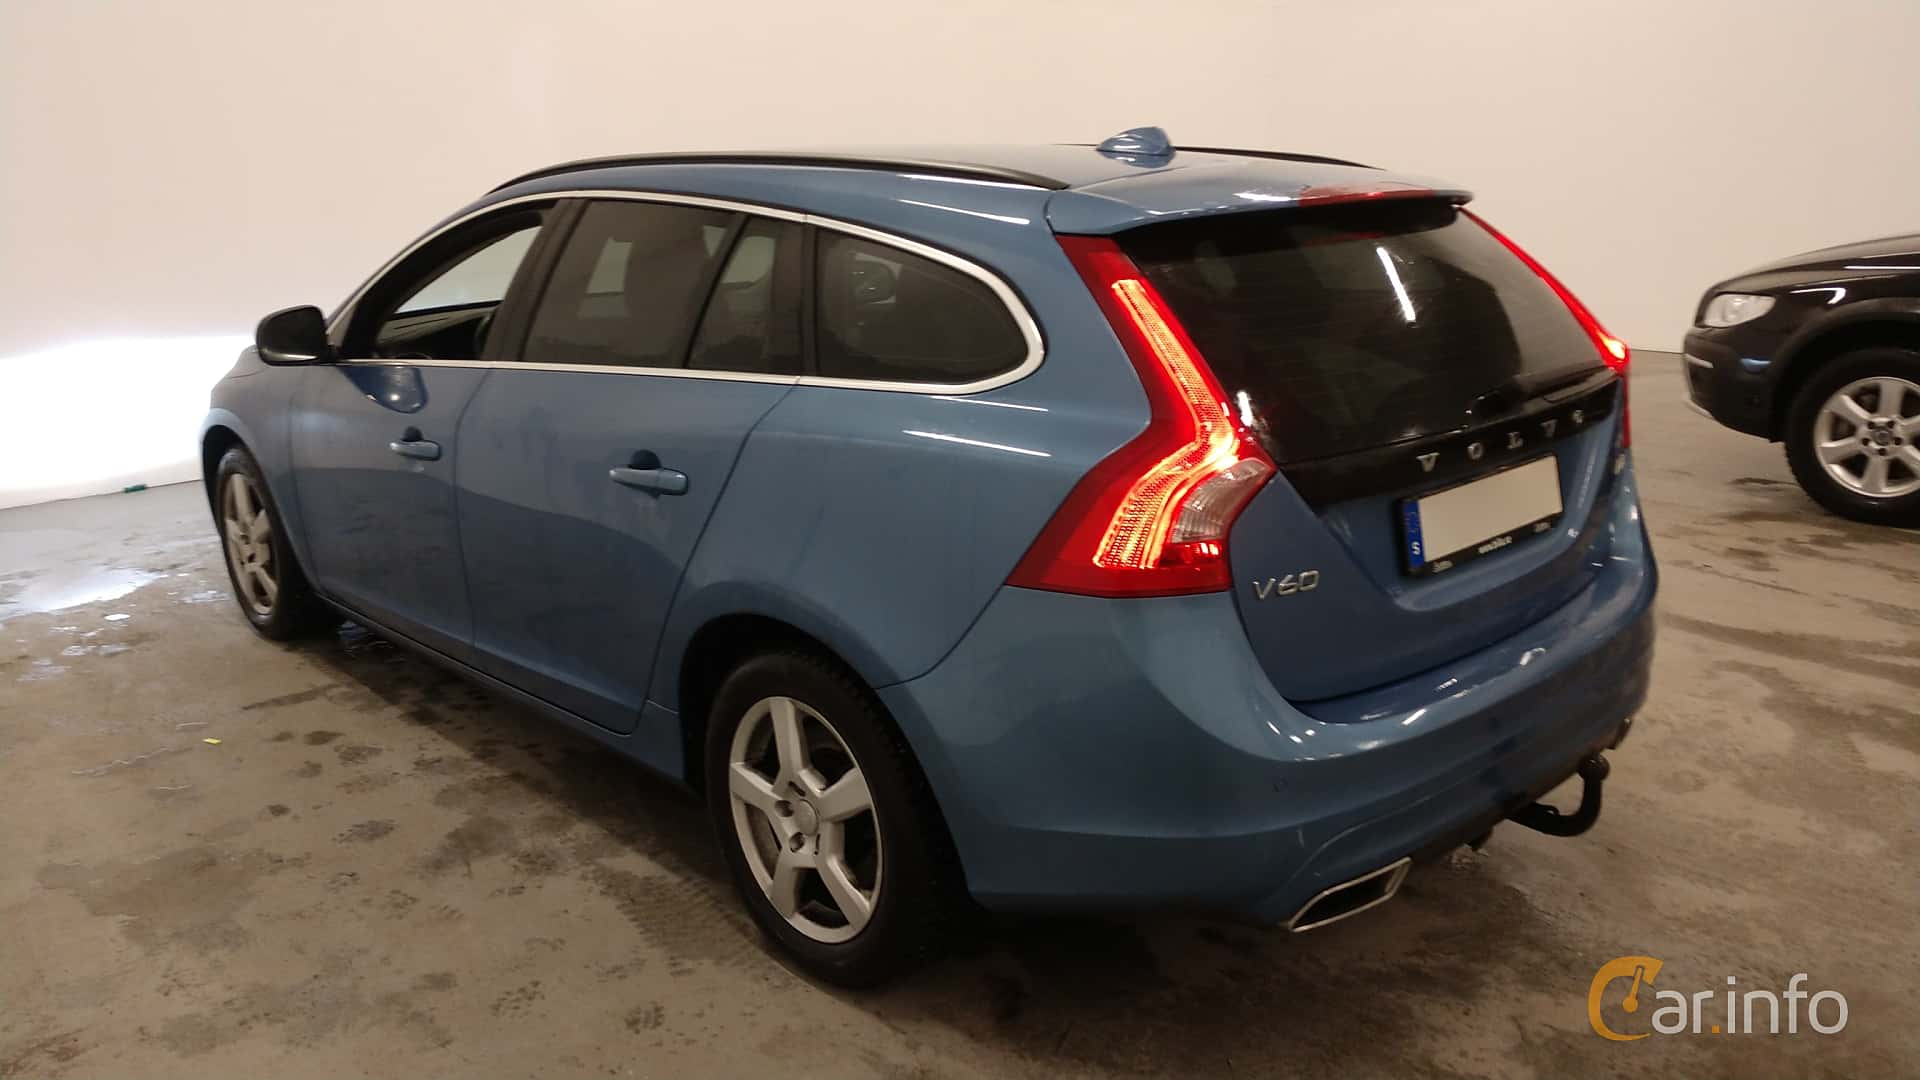 Volvo V60 D4 Manual, 181hp, 2015